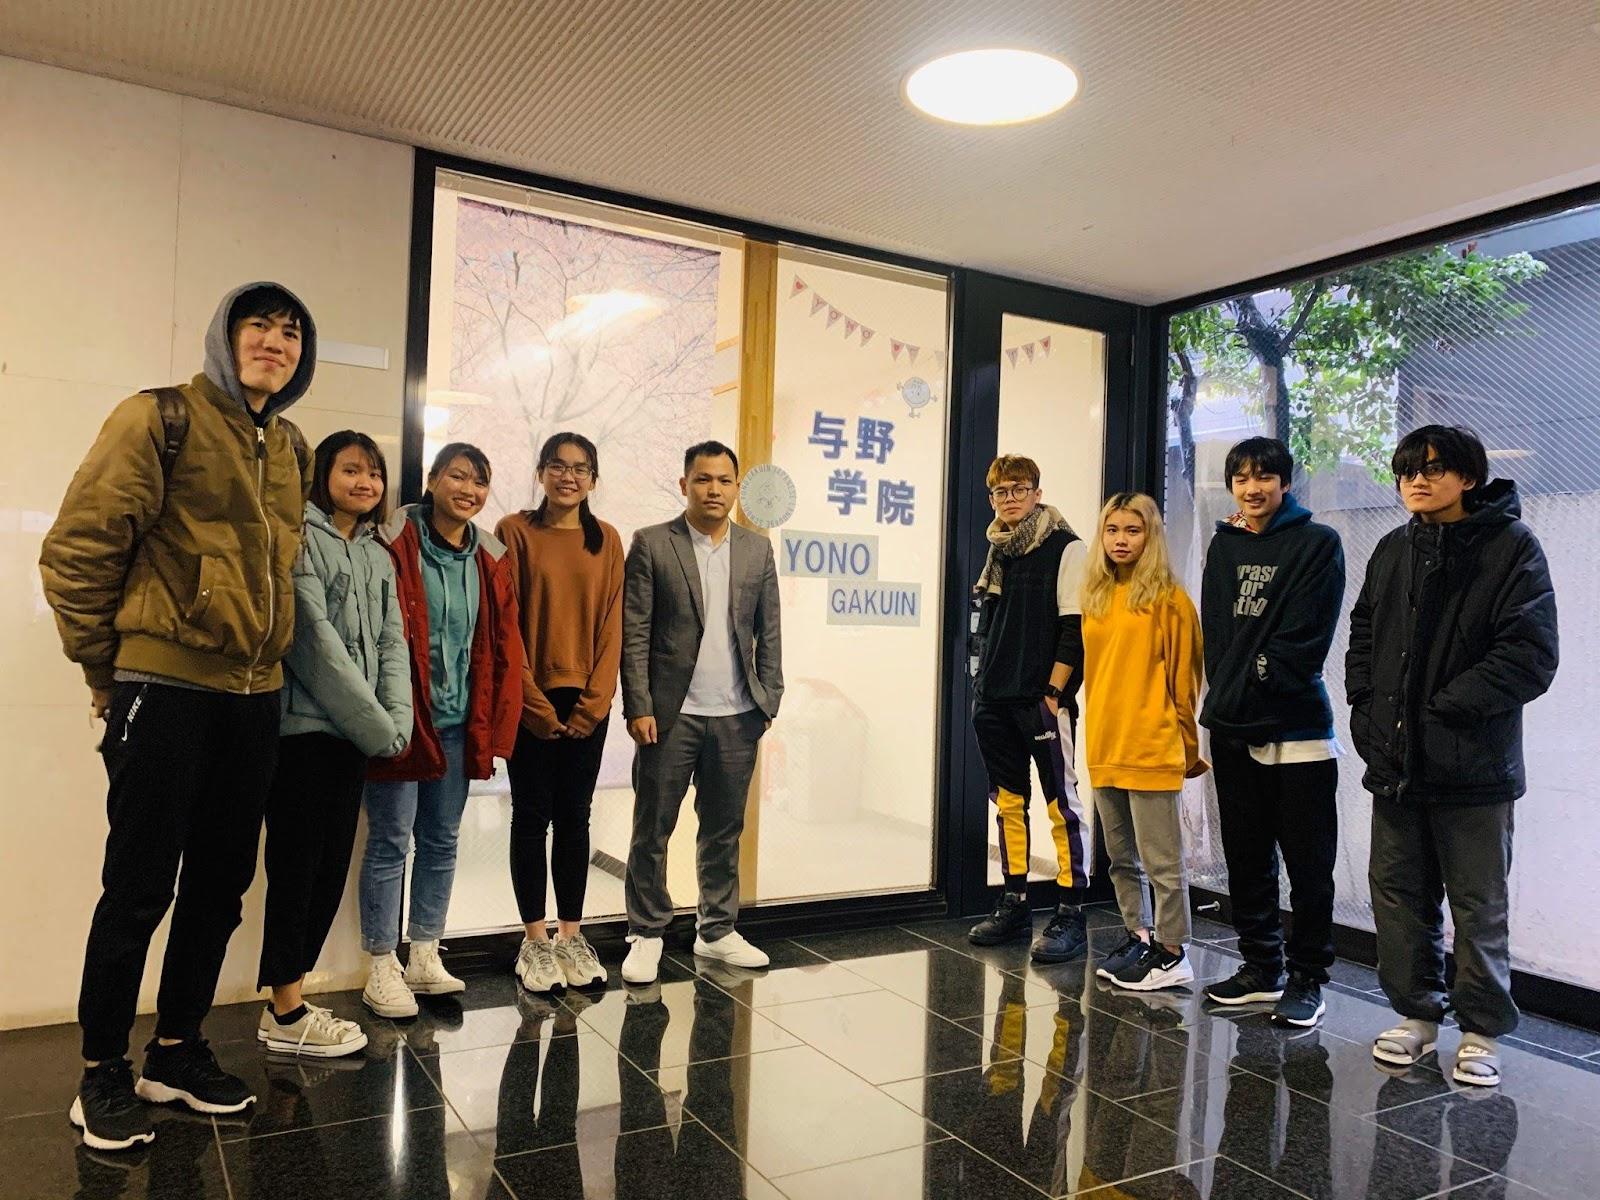 Javico đến thăm Trường Nhật ngữ YONO